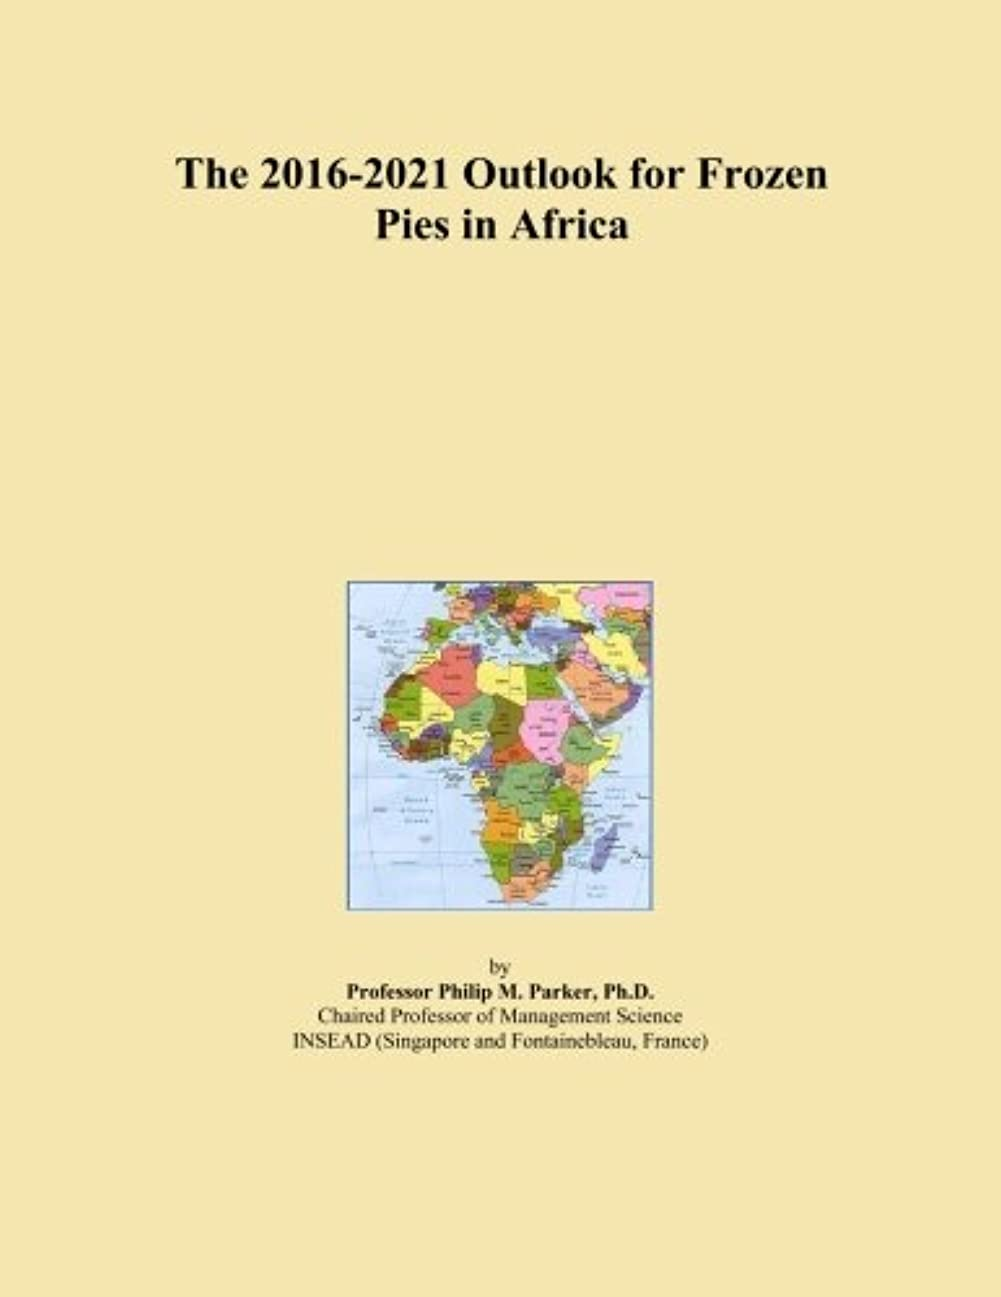 注ぎます評価組The 2016-2021 Outlook for Frozen Pies in Africa